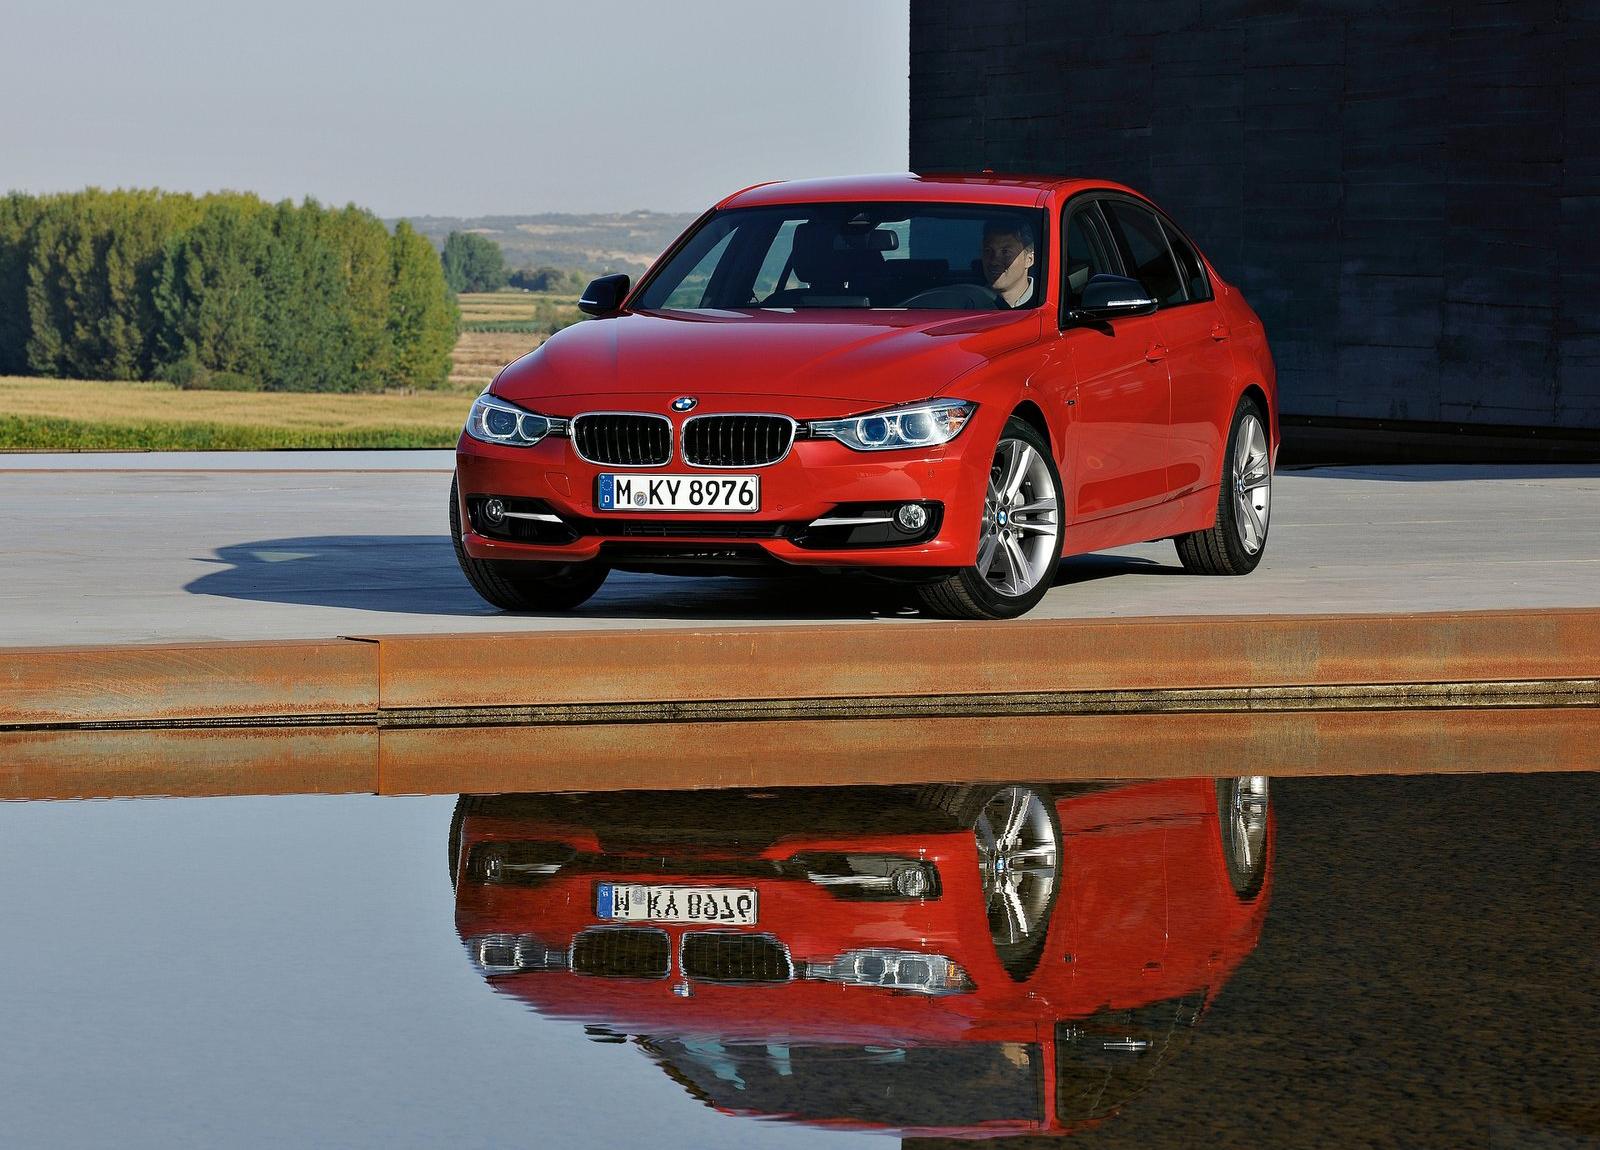 http://1.bp.blogspot.com/-OAnqOpce_yw/UCpz-CKWqeI/AAAAAAAAHFQ/53nlPitJlE0/s1600/BMW-3-Series_2012_1600x1200_wallpaper_0d.jpg